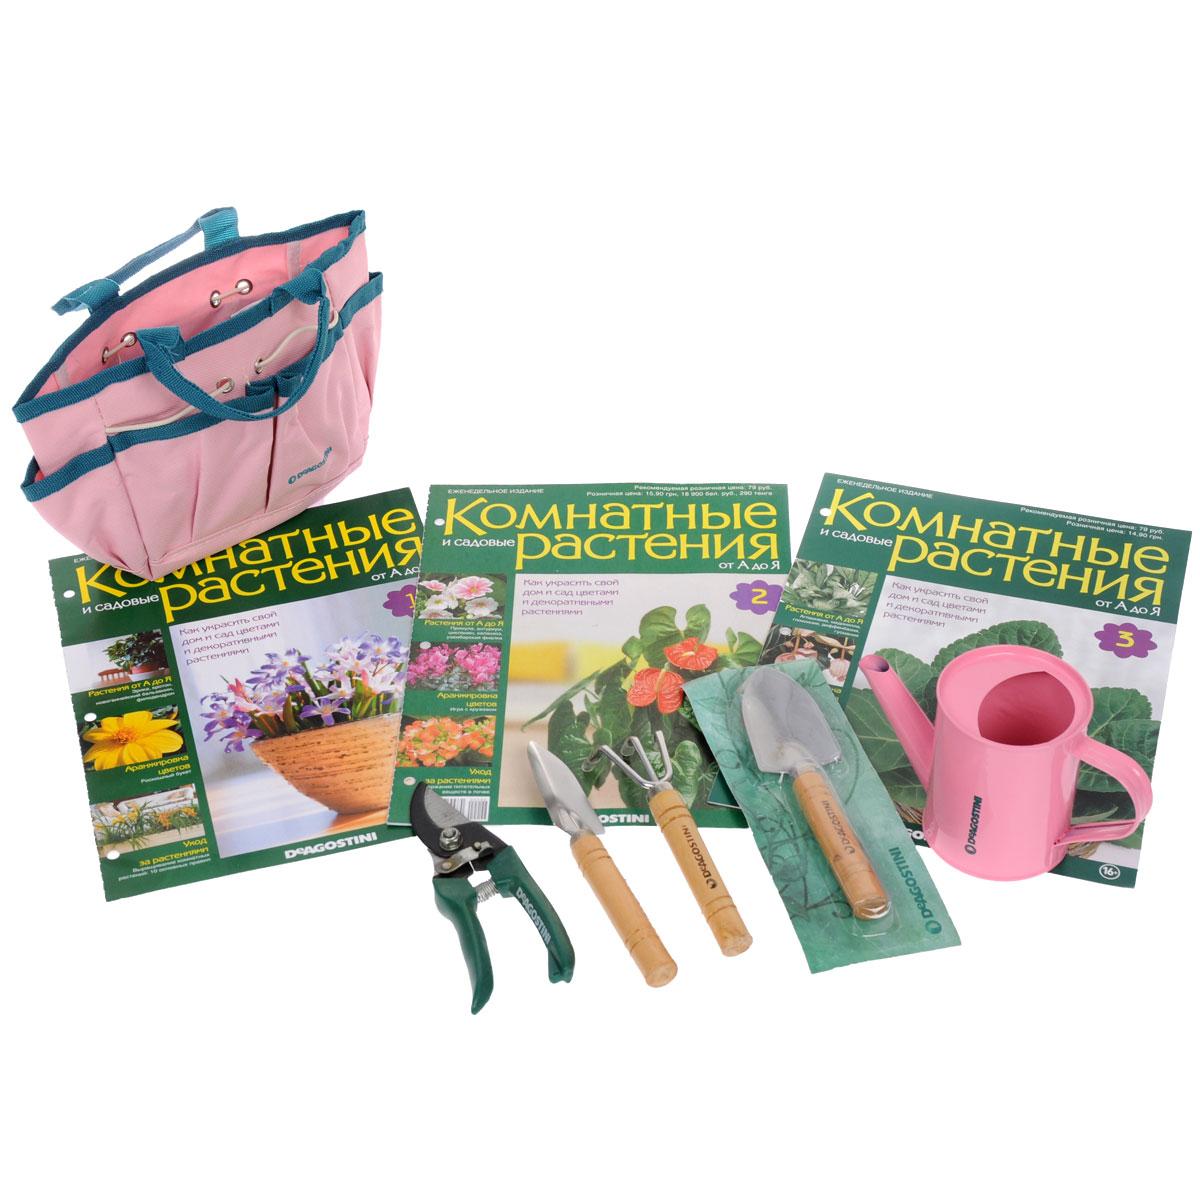 Набор Комнатные и садовые растения. От А до ЯVRDBUNDLEOZONДанный номер журнала Комнатные и садовые растения расскажет вам, как украсить свой дом и сад цветами и декоративными растениями. Издание сопровождается набором инструментов: - лейкой 9,5 х 7 х 7 см, - секатором 17 см, - граблями 15 см, - 2 лопатки длиной 17 см, а также чехлом для их хранения. Категория 16+.